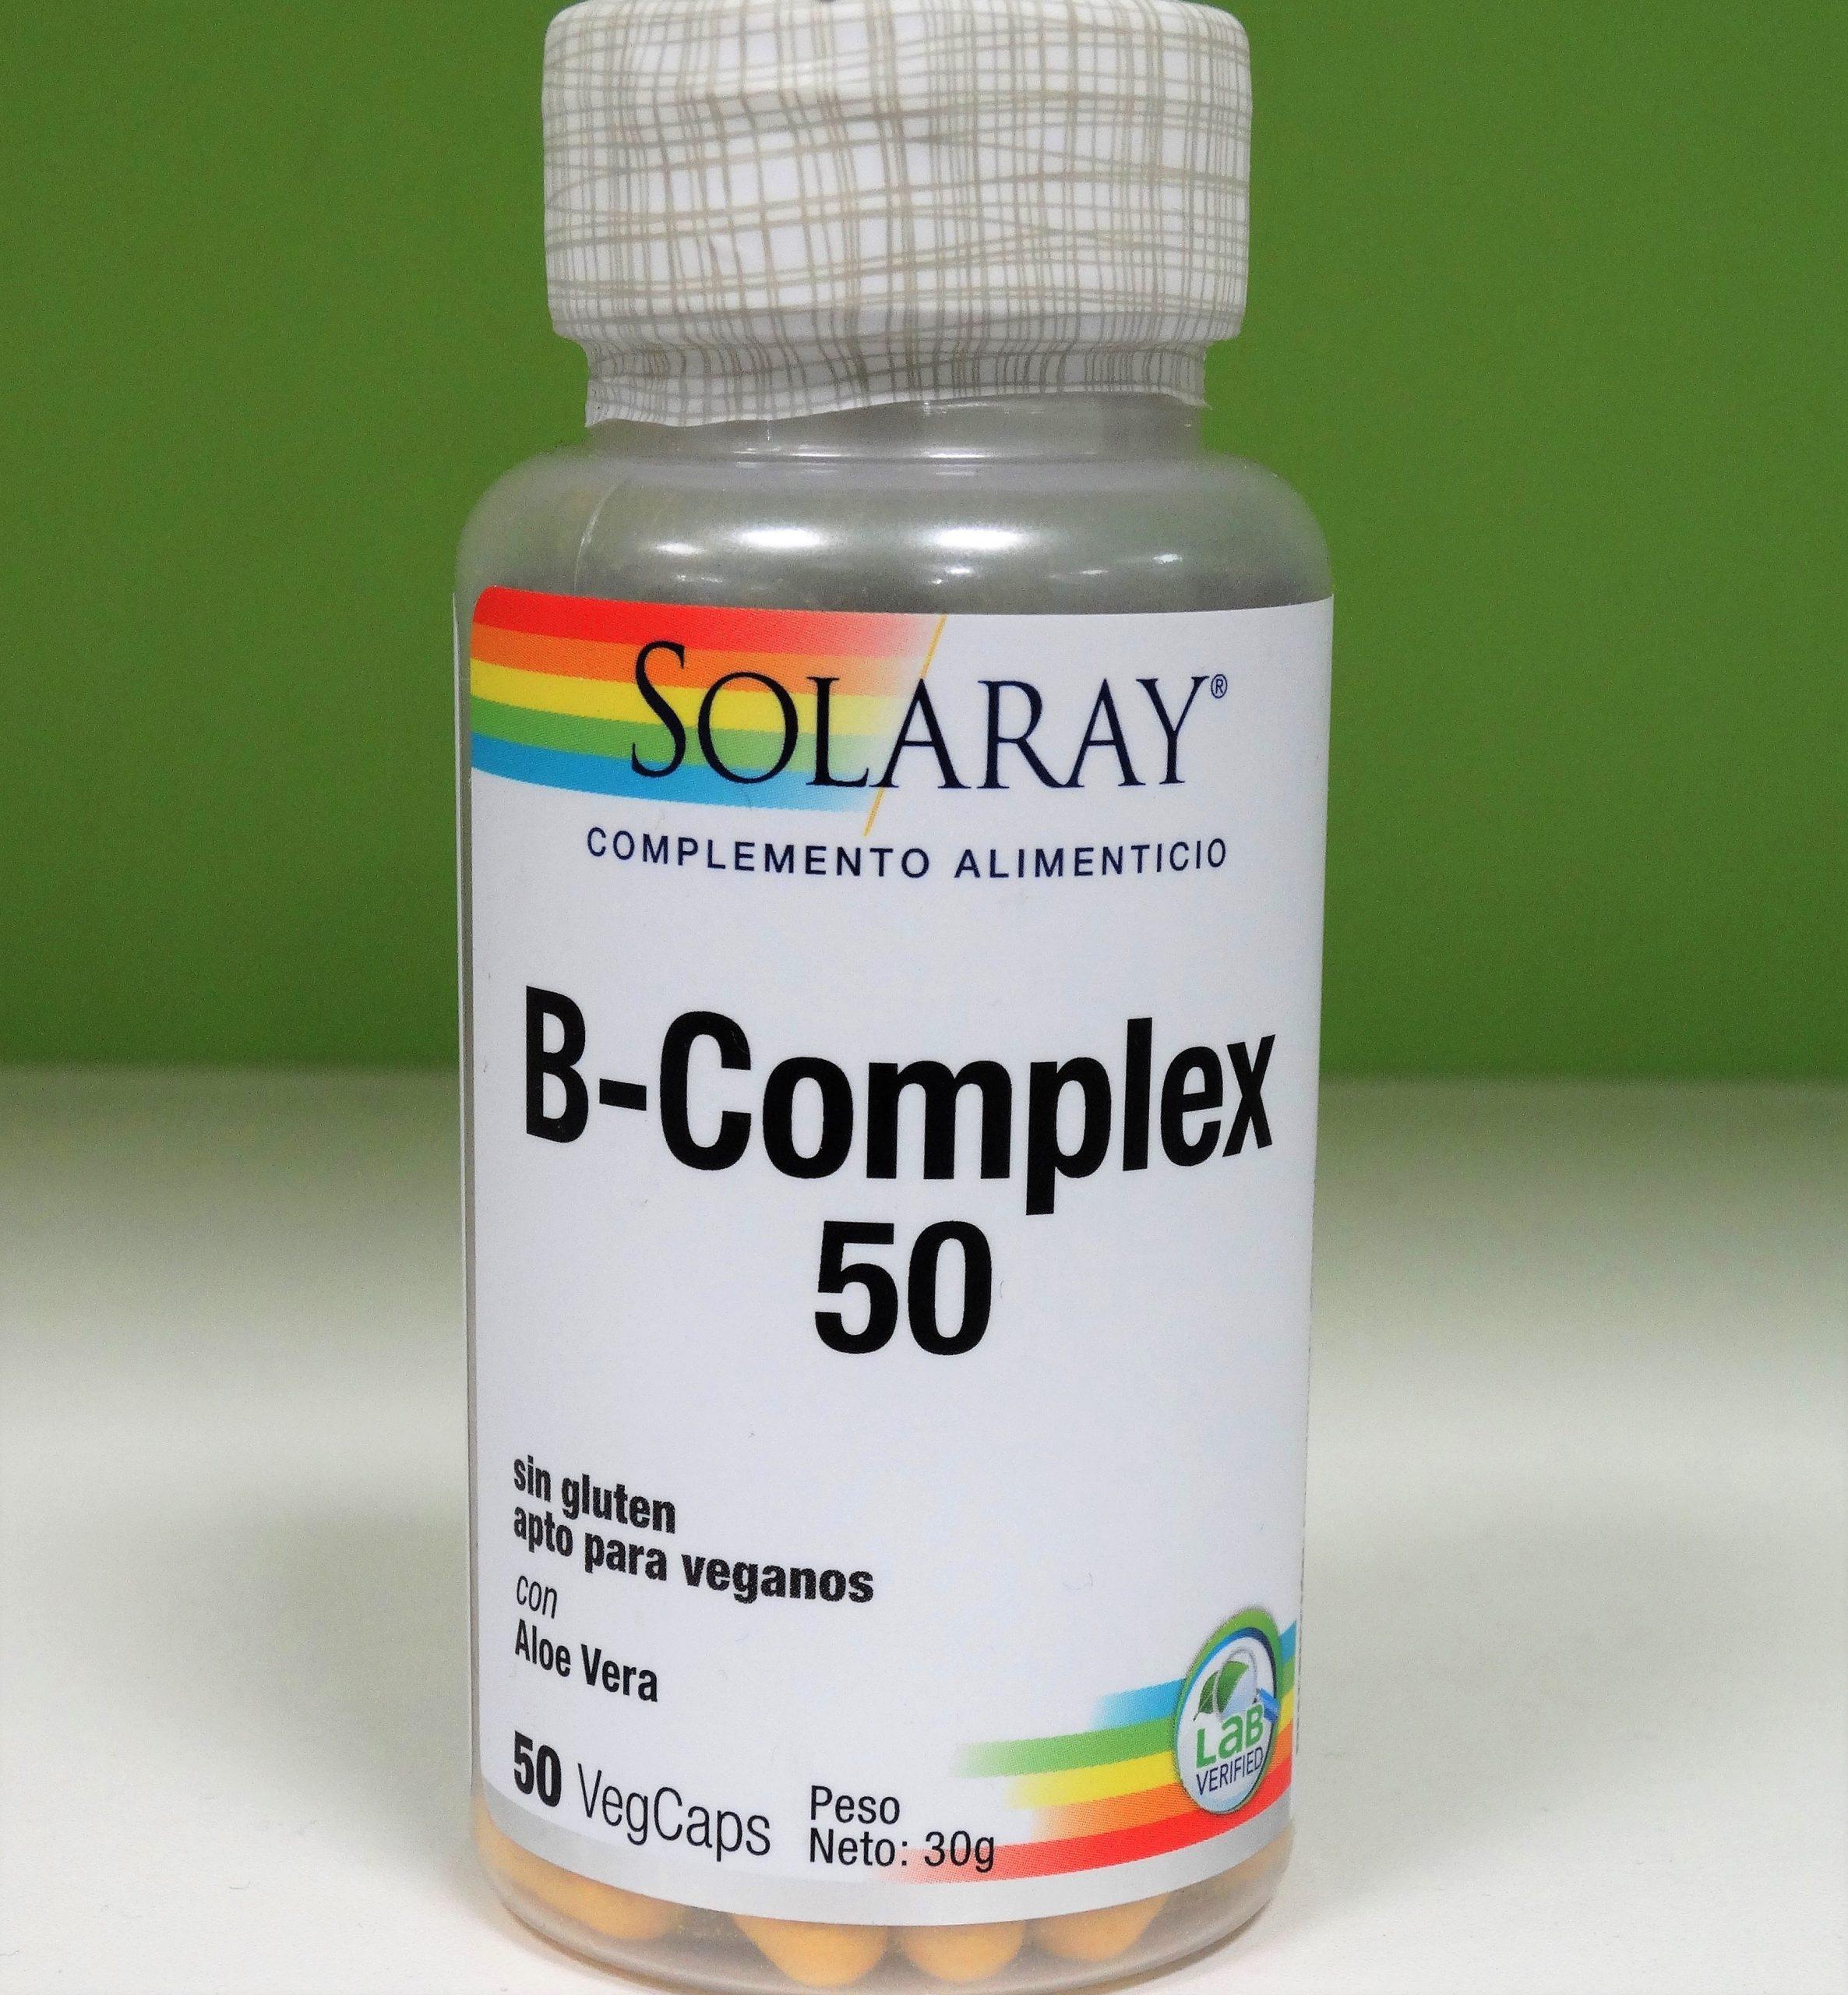 Comprar Solaray B-Complex 50 incluye todas las vitaminas B en Gran Farmacia Andorra Online